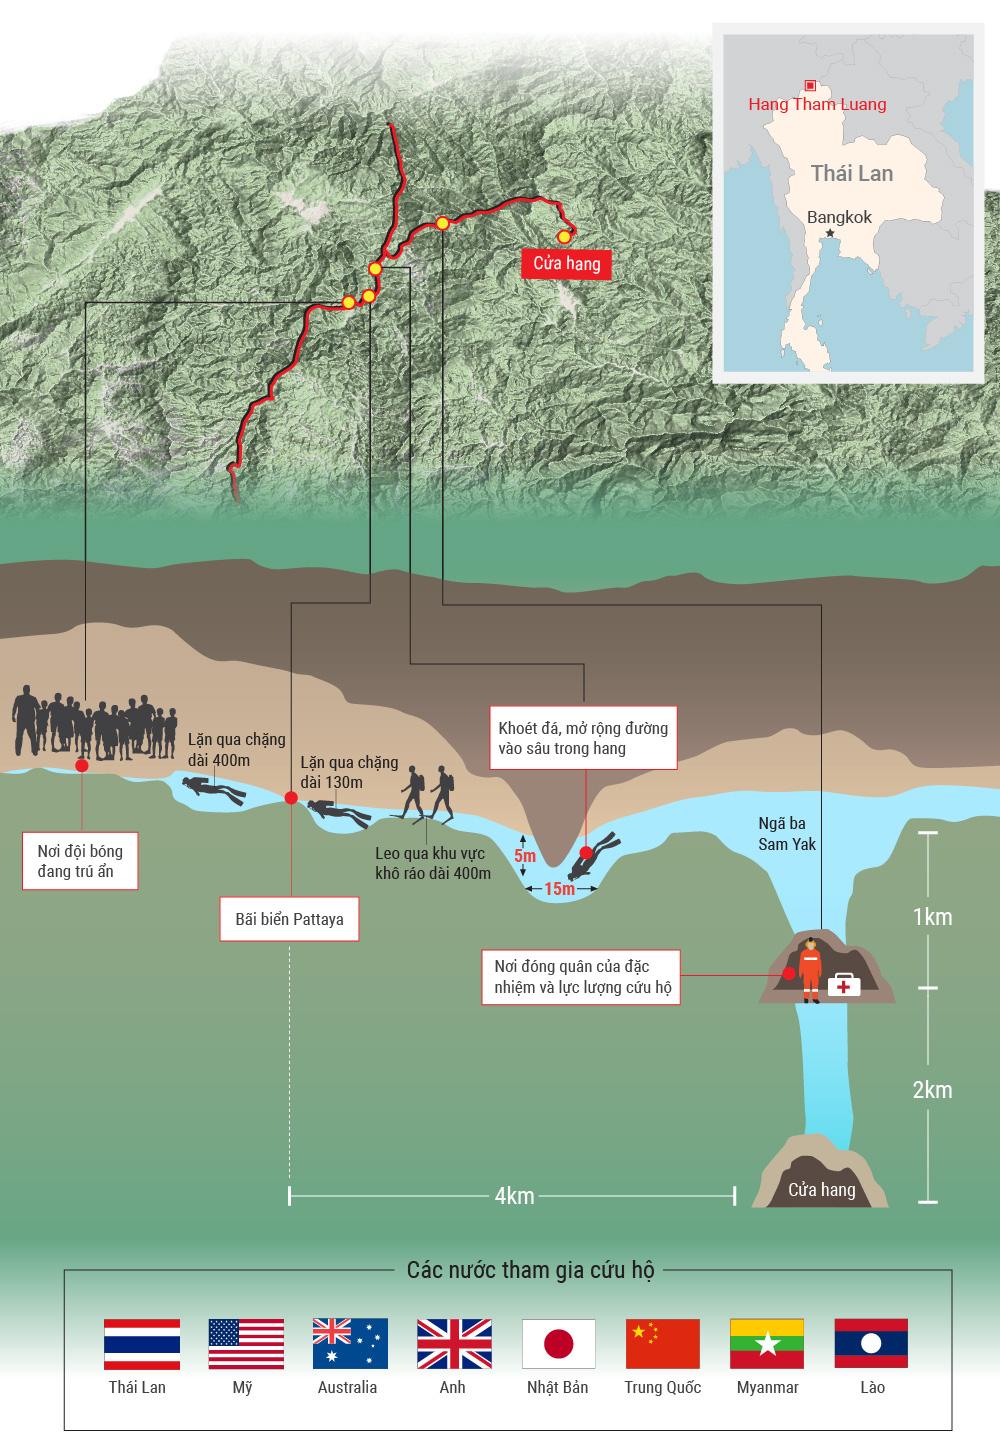 đội bóng nhí Thái Lan, mắc kẹt trong hang, tìm kiếm và giải cứu